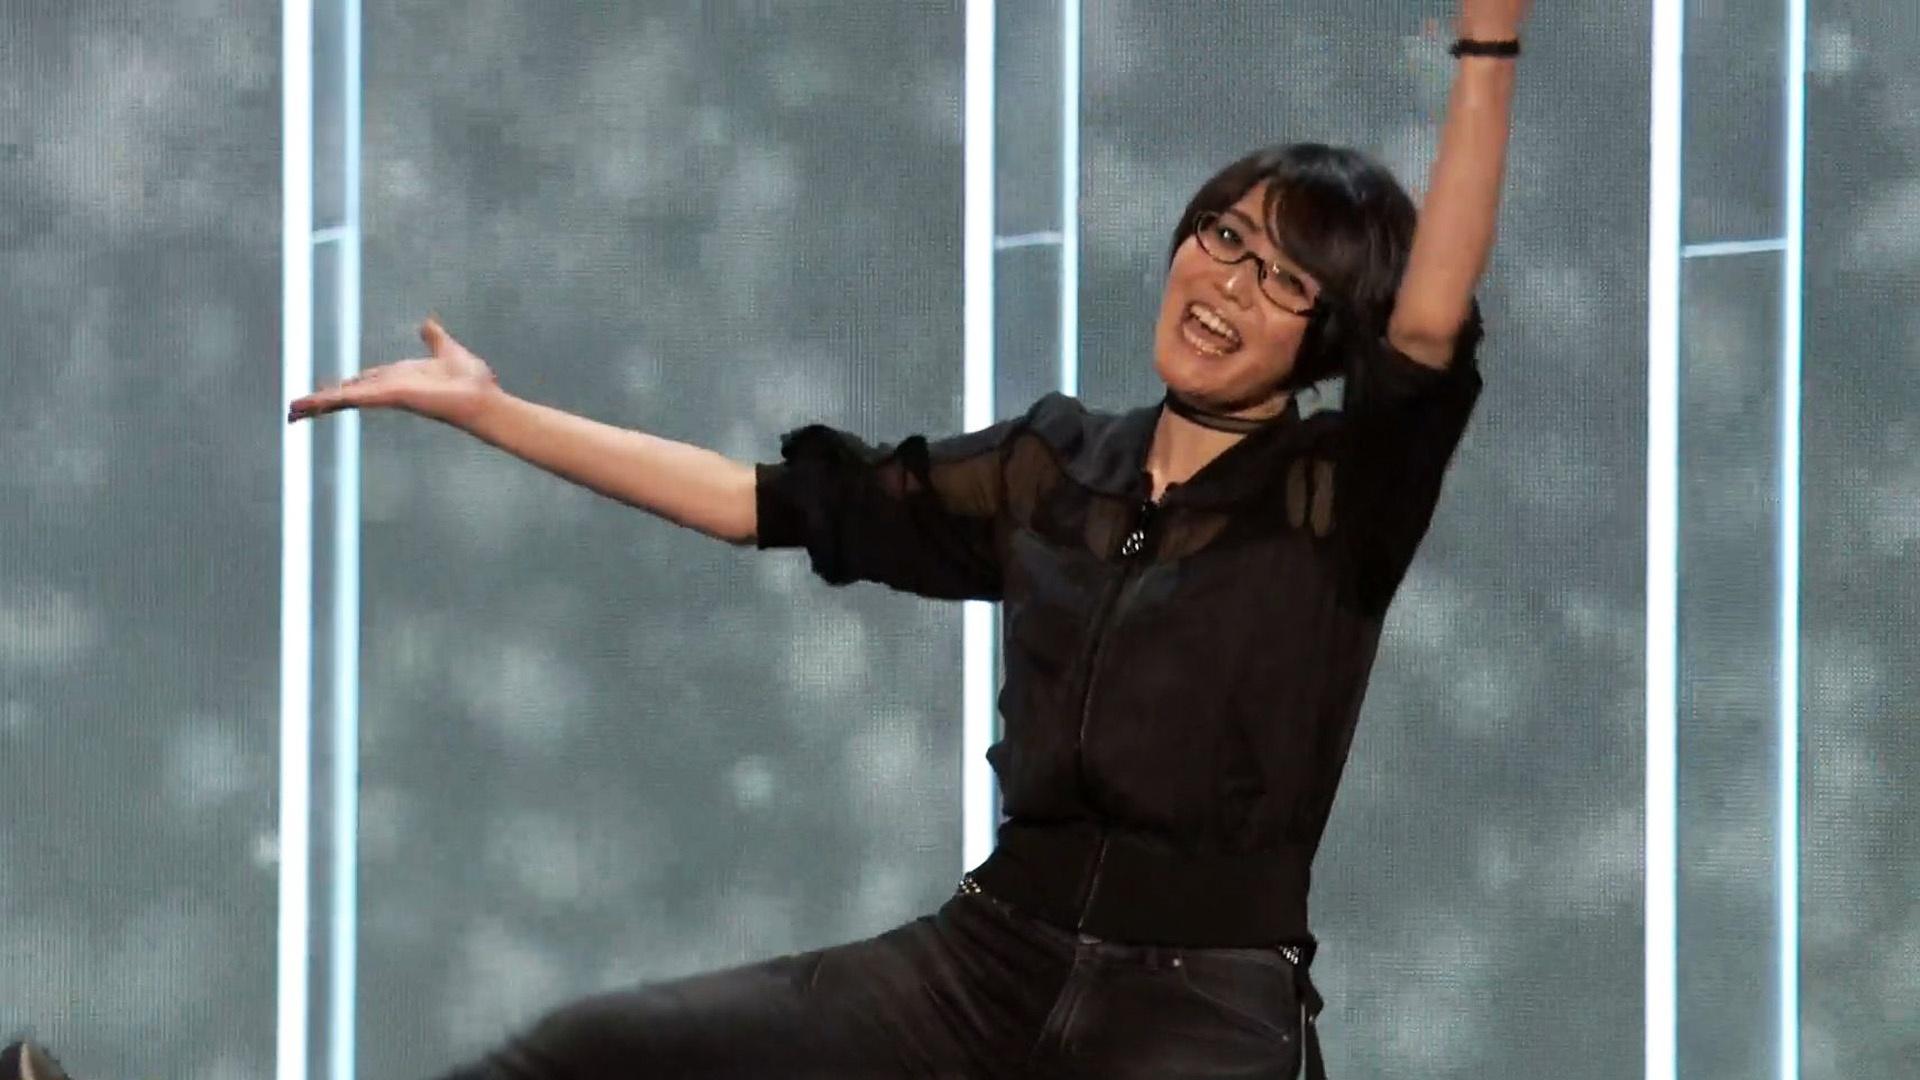 Ikumi Nakamura gamerome